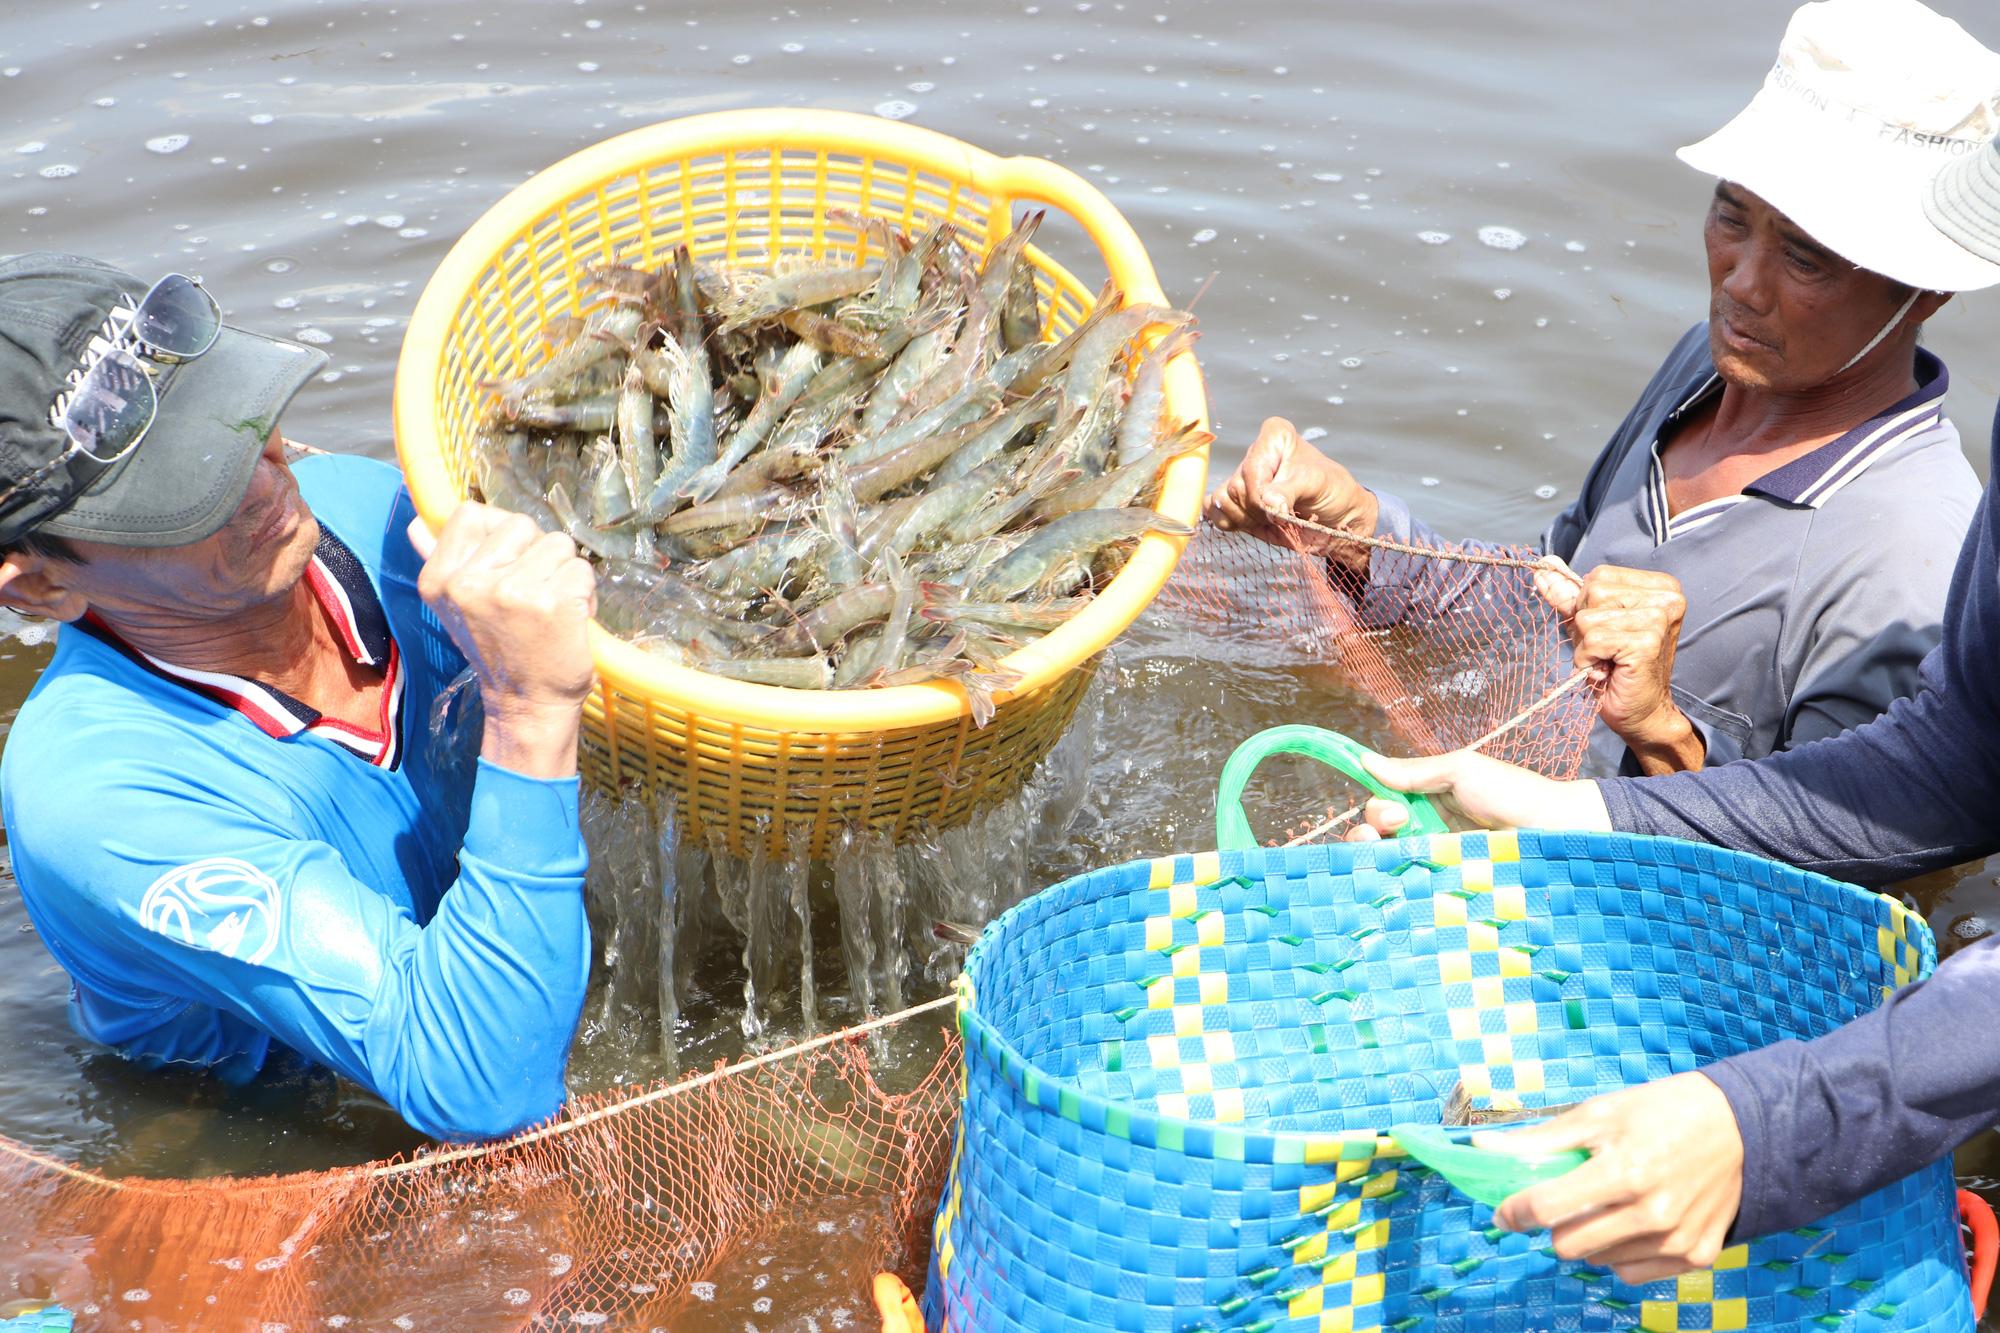 Thị trường đang cần gì ở tôm Việt? - Ảnh 3.